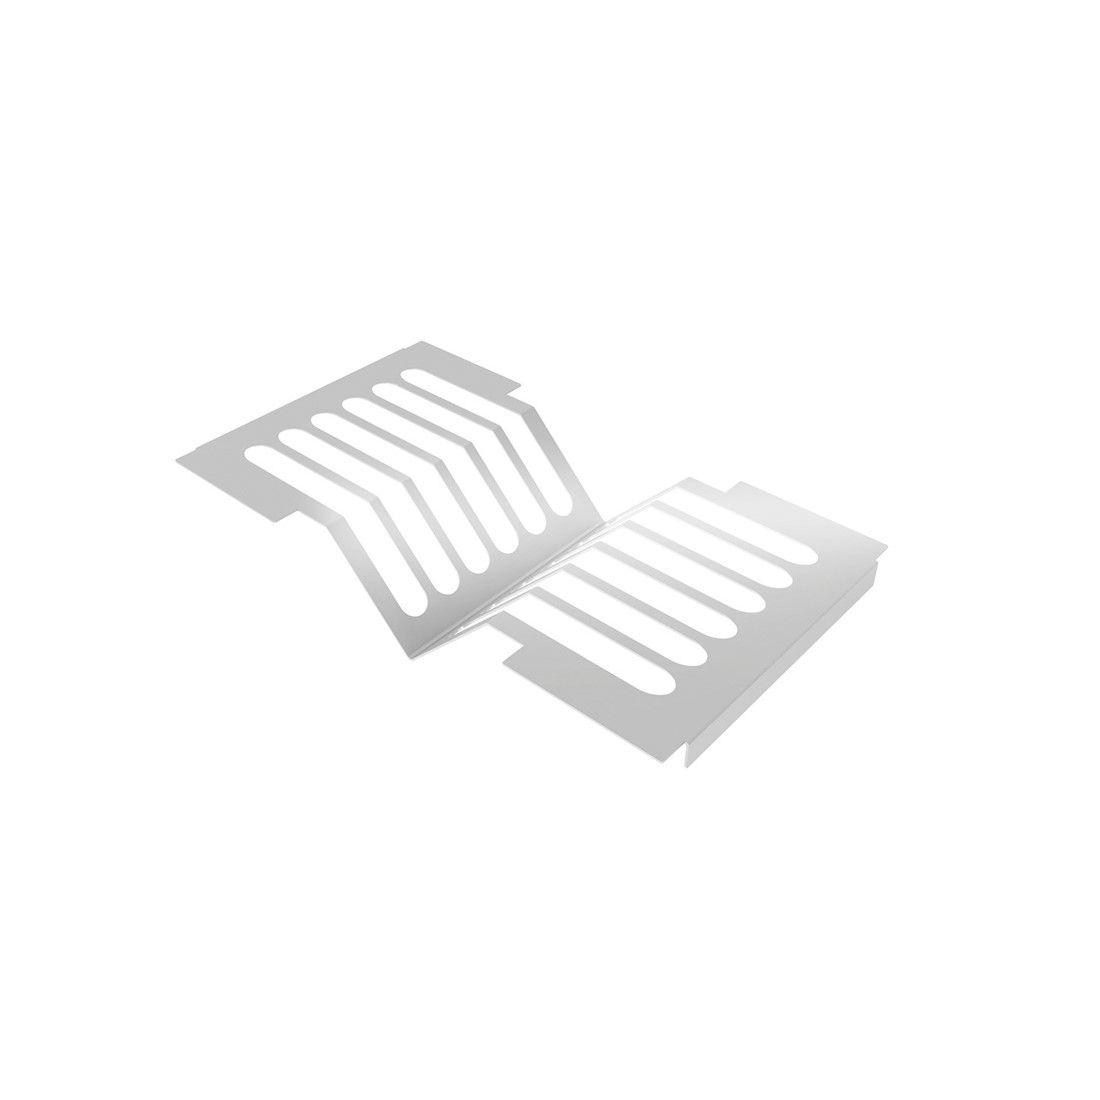 Escorredor de Pratos DeBacco Inox 30cm